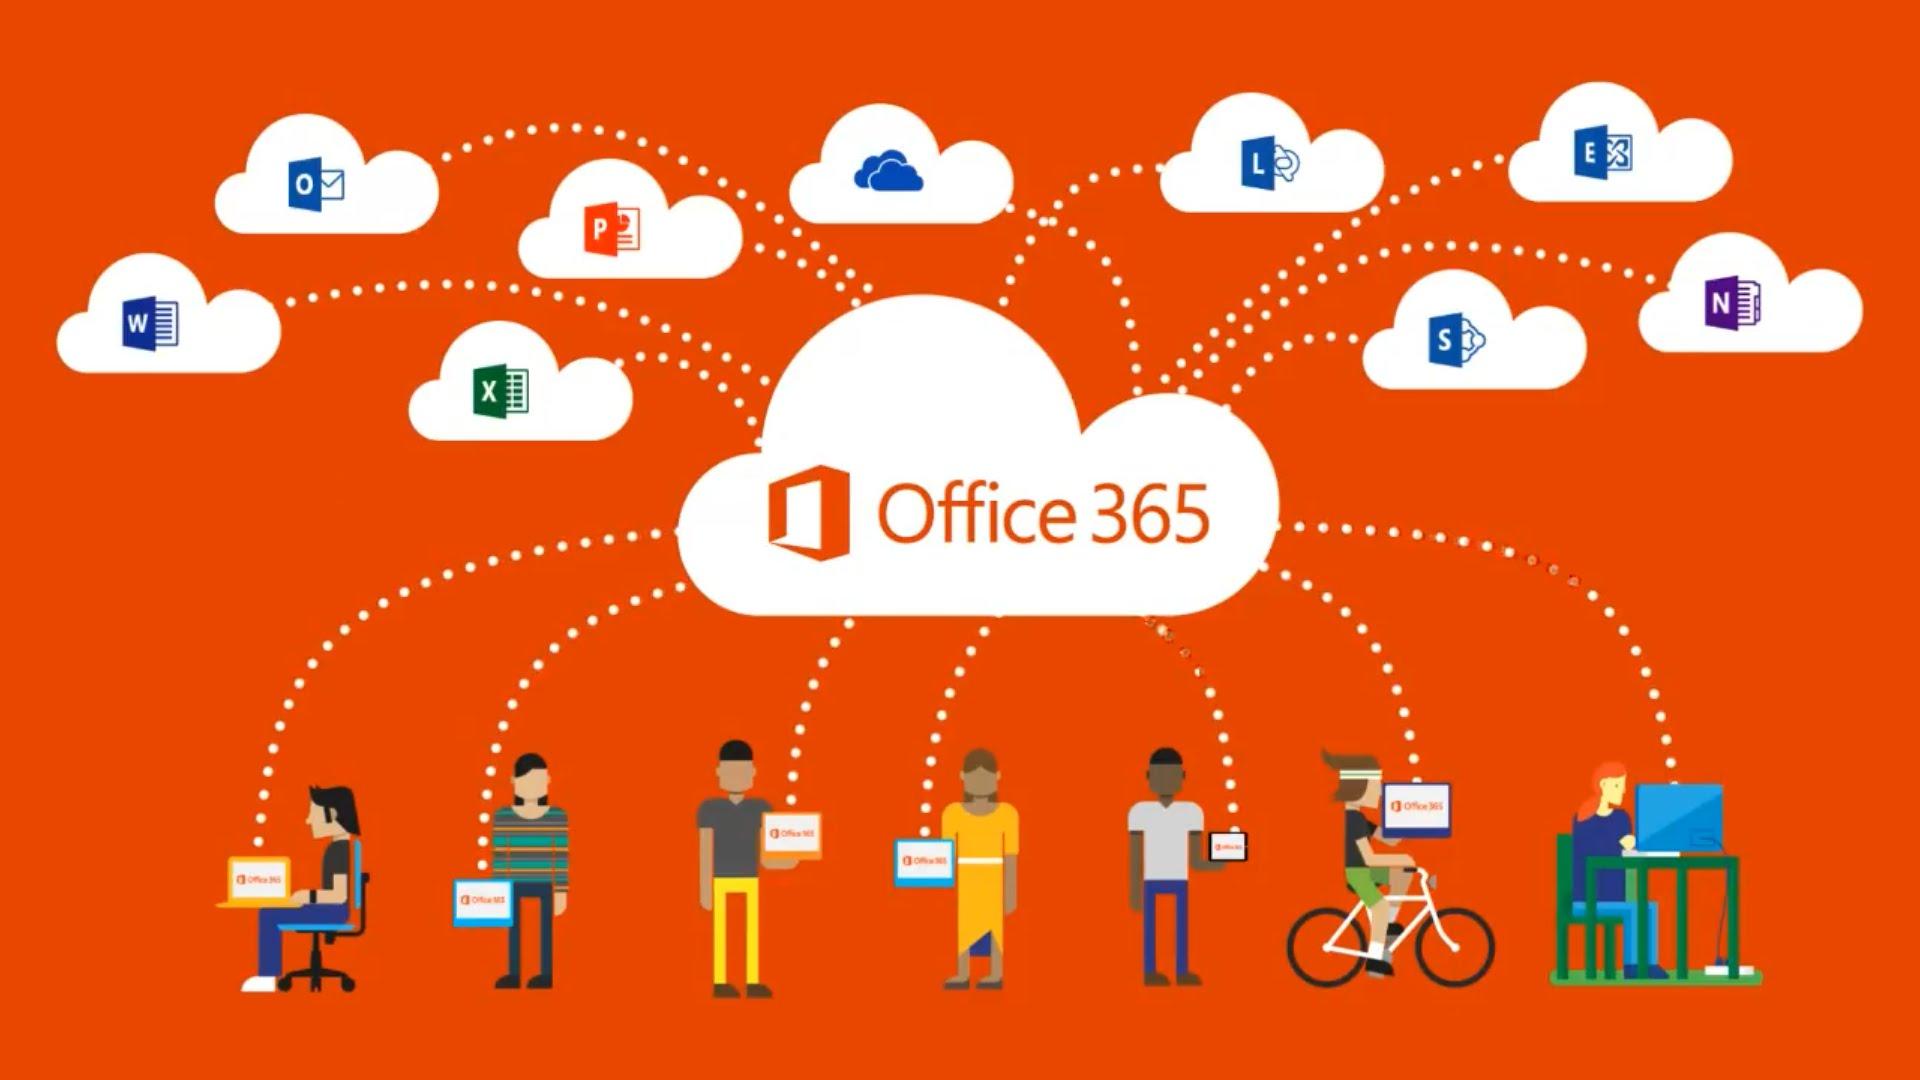 MS Office 365/2016 Værktøjslinje Apps